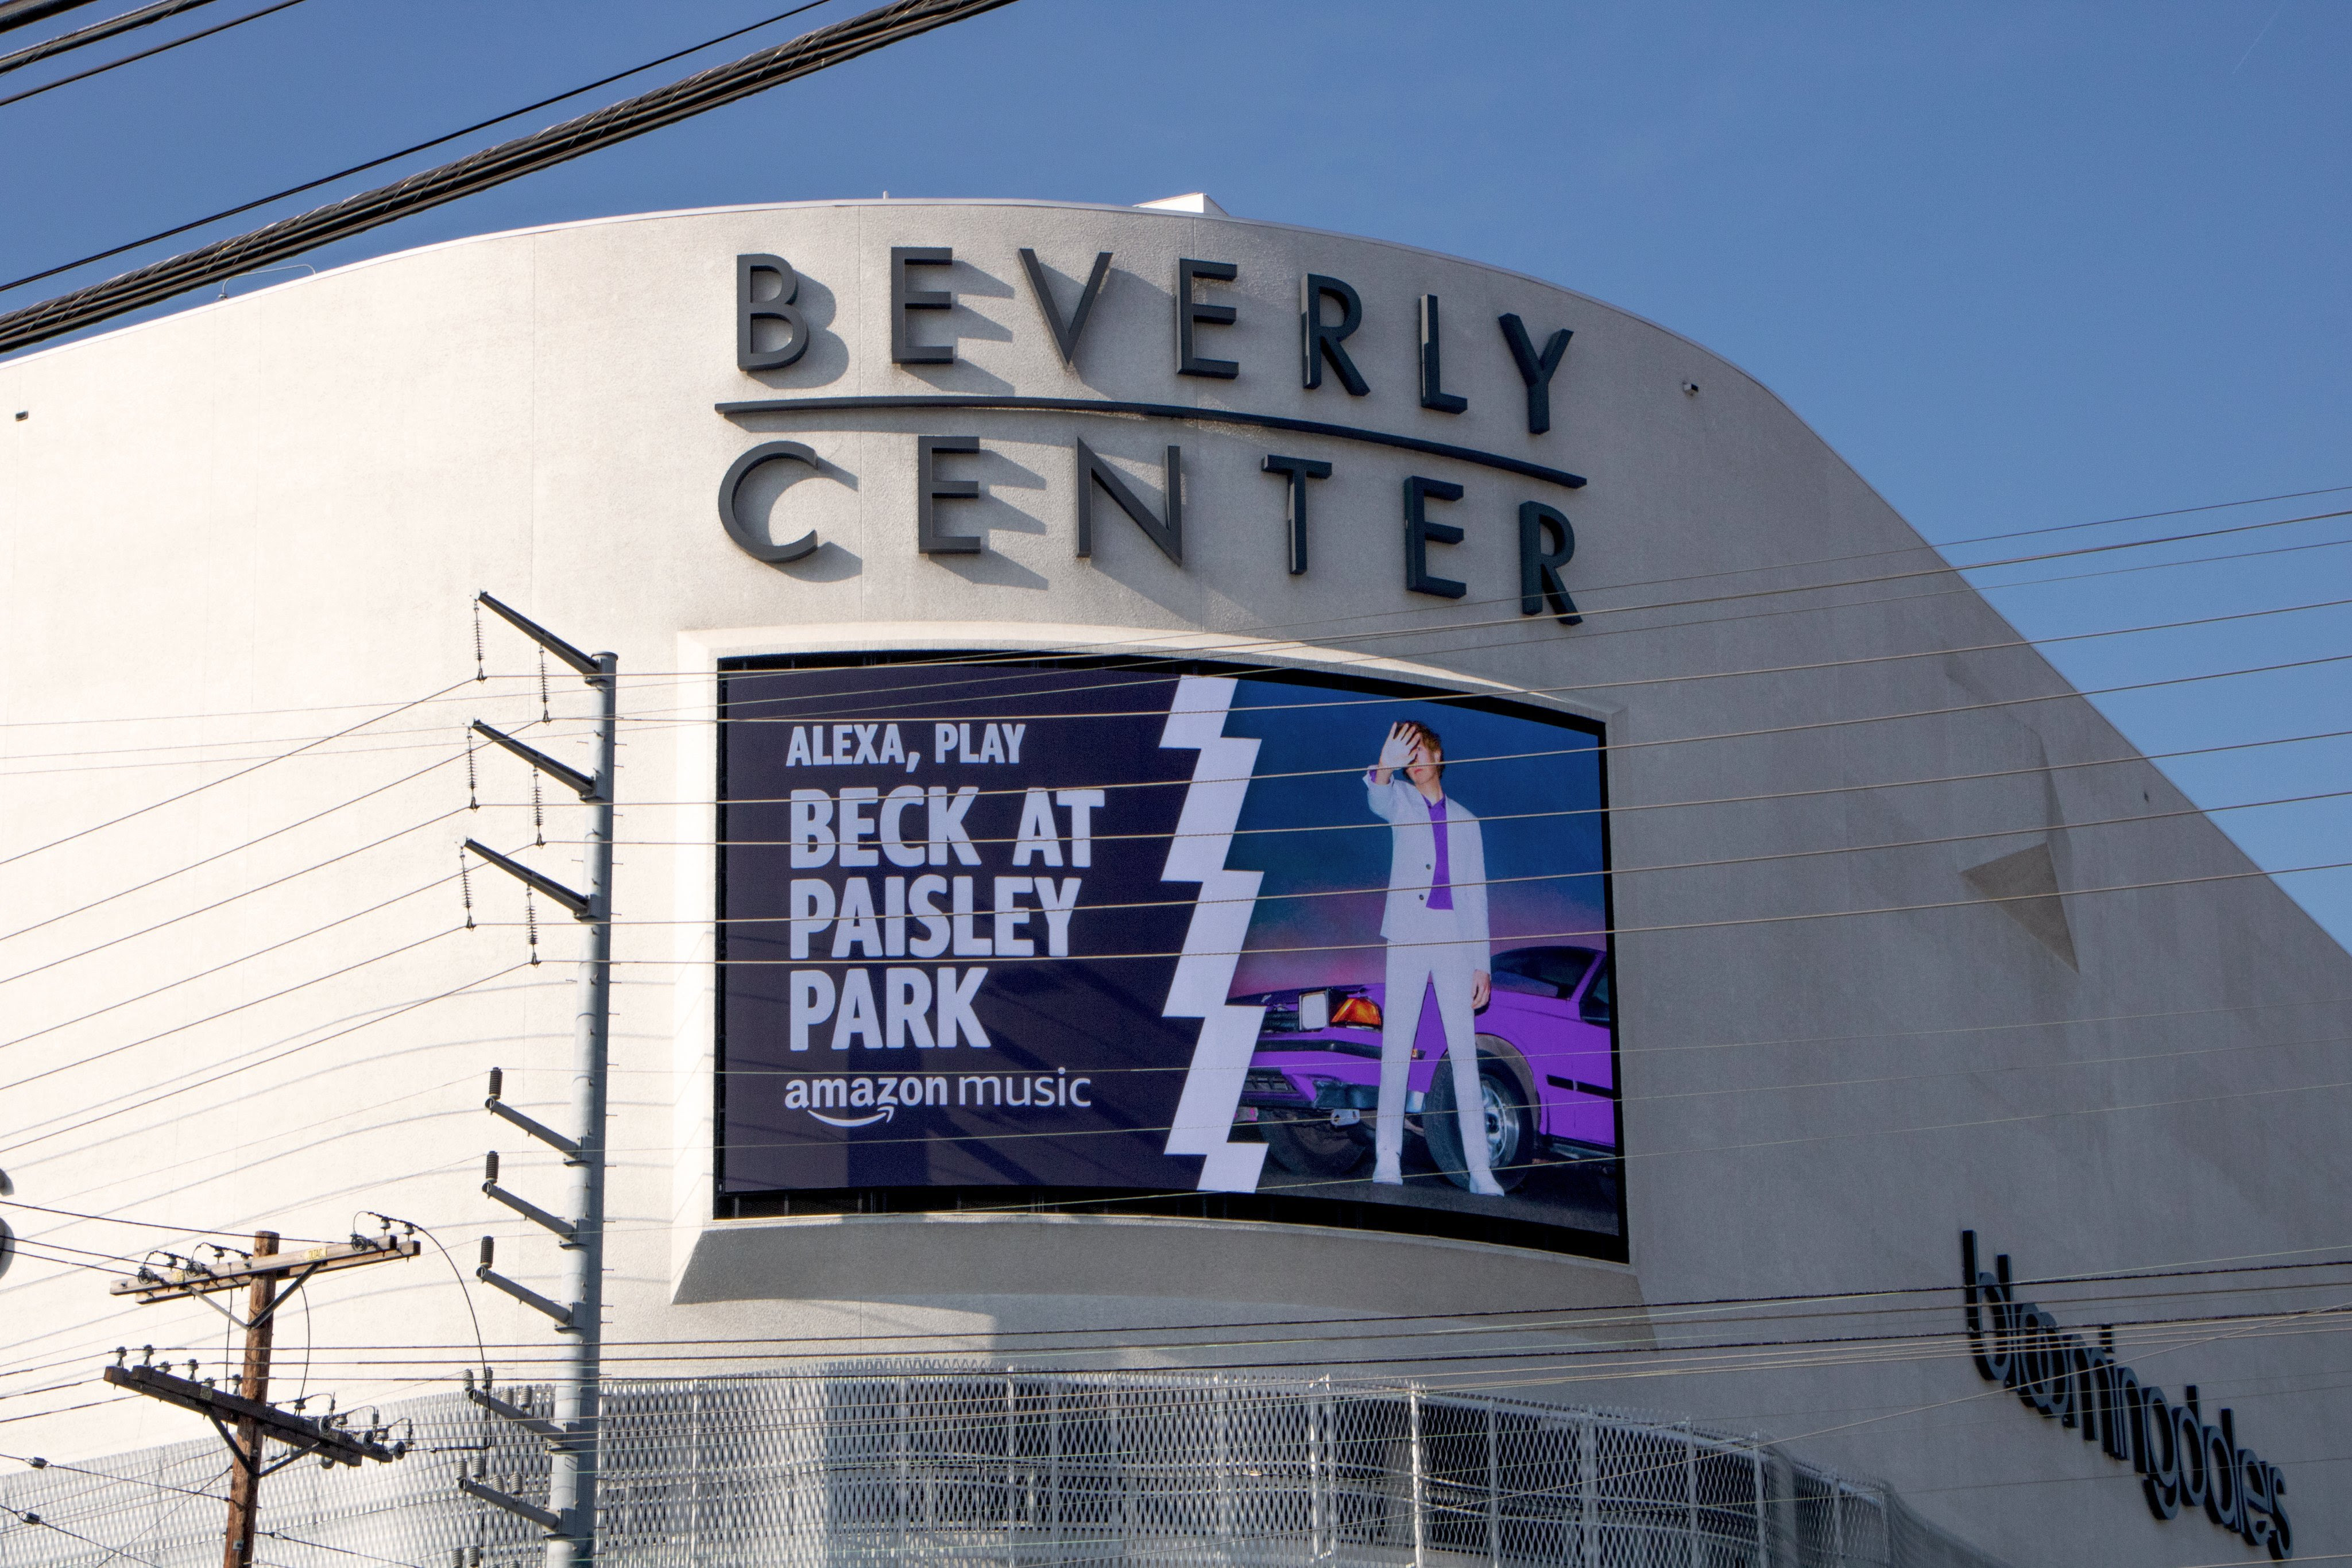 Alexa, Play Beck at Paisley Park